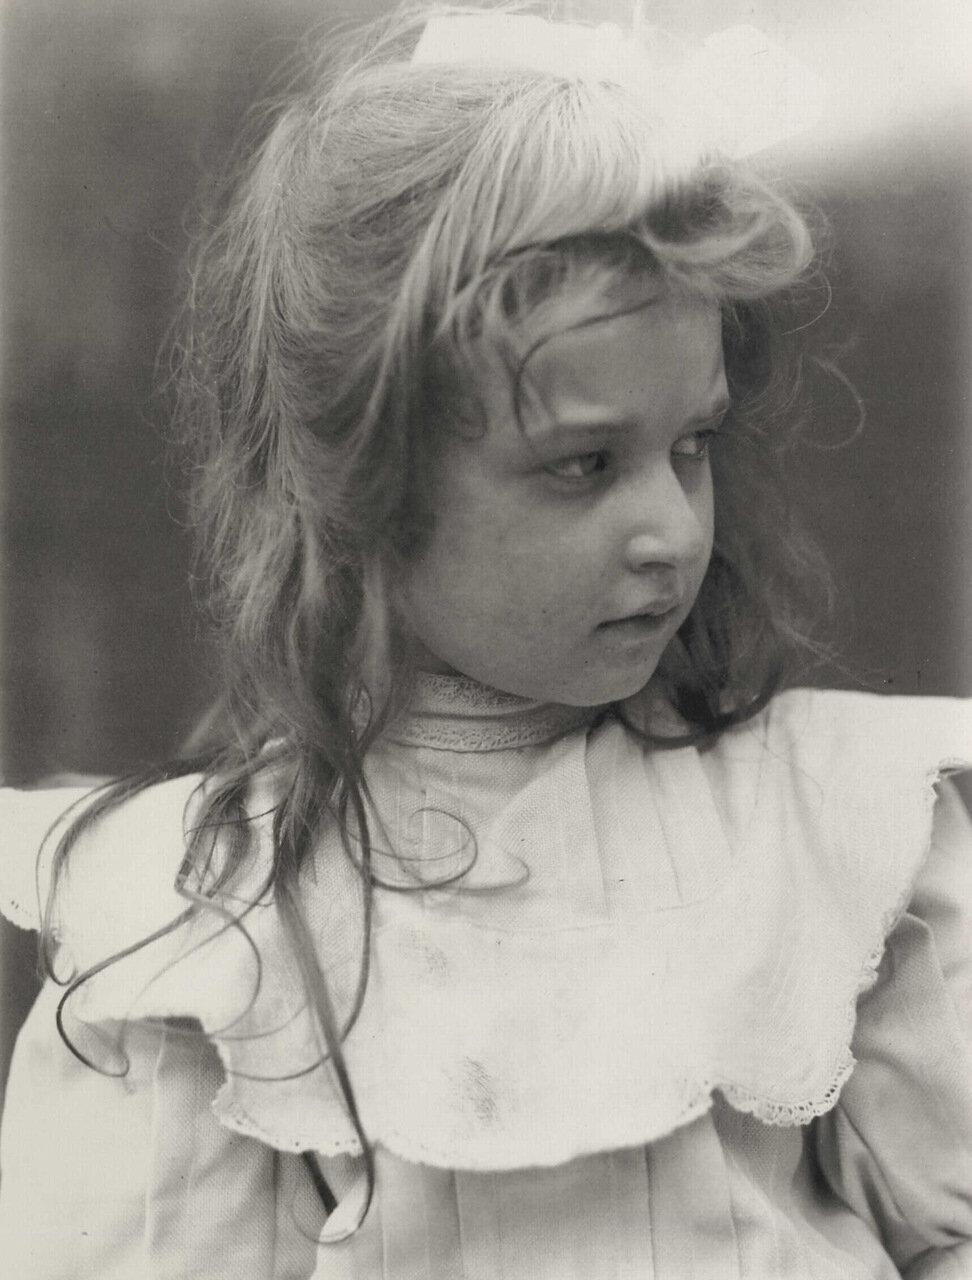 Полетт Брулат, дочь Поля Брудата, писателя